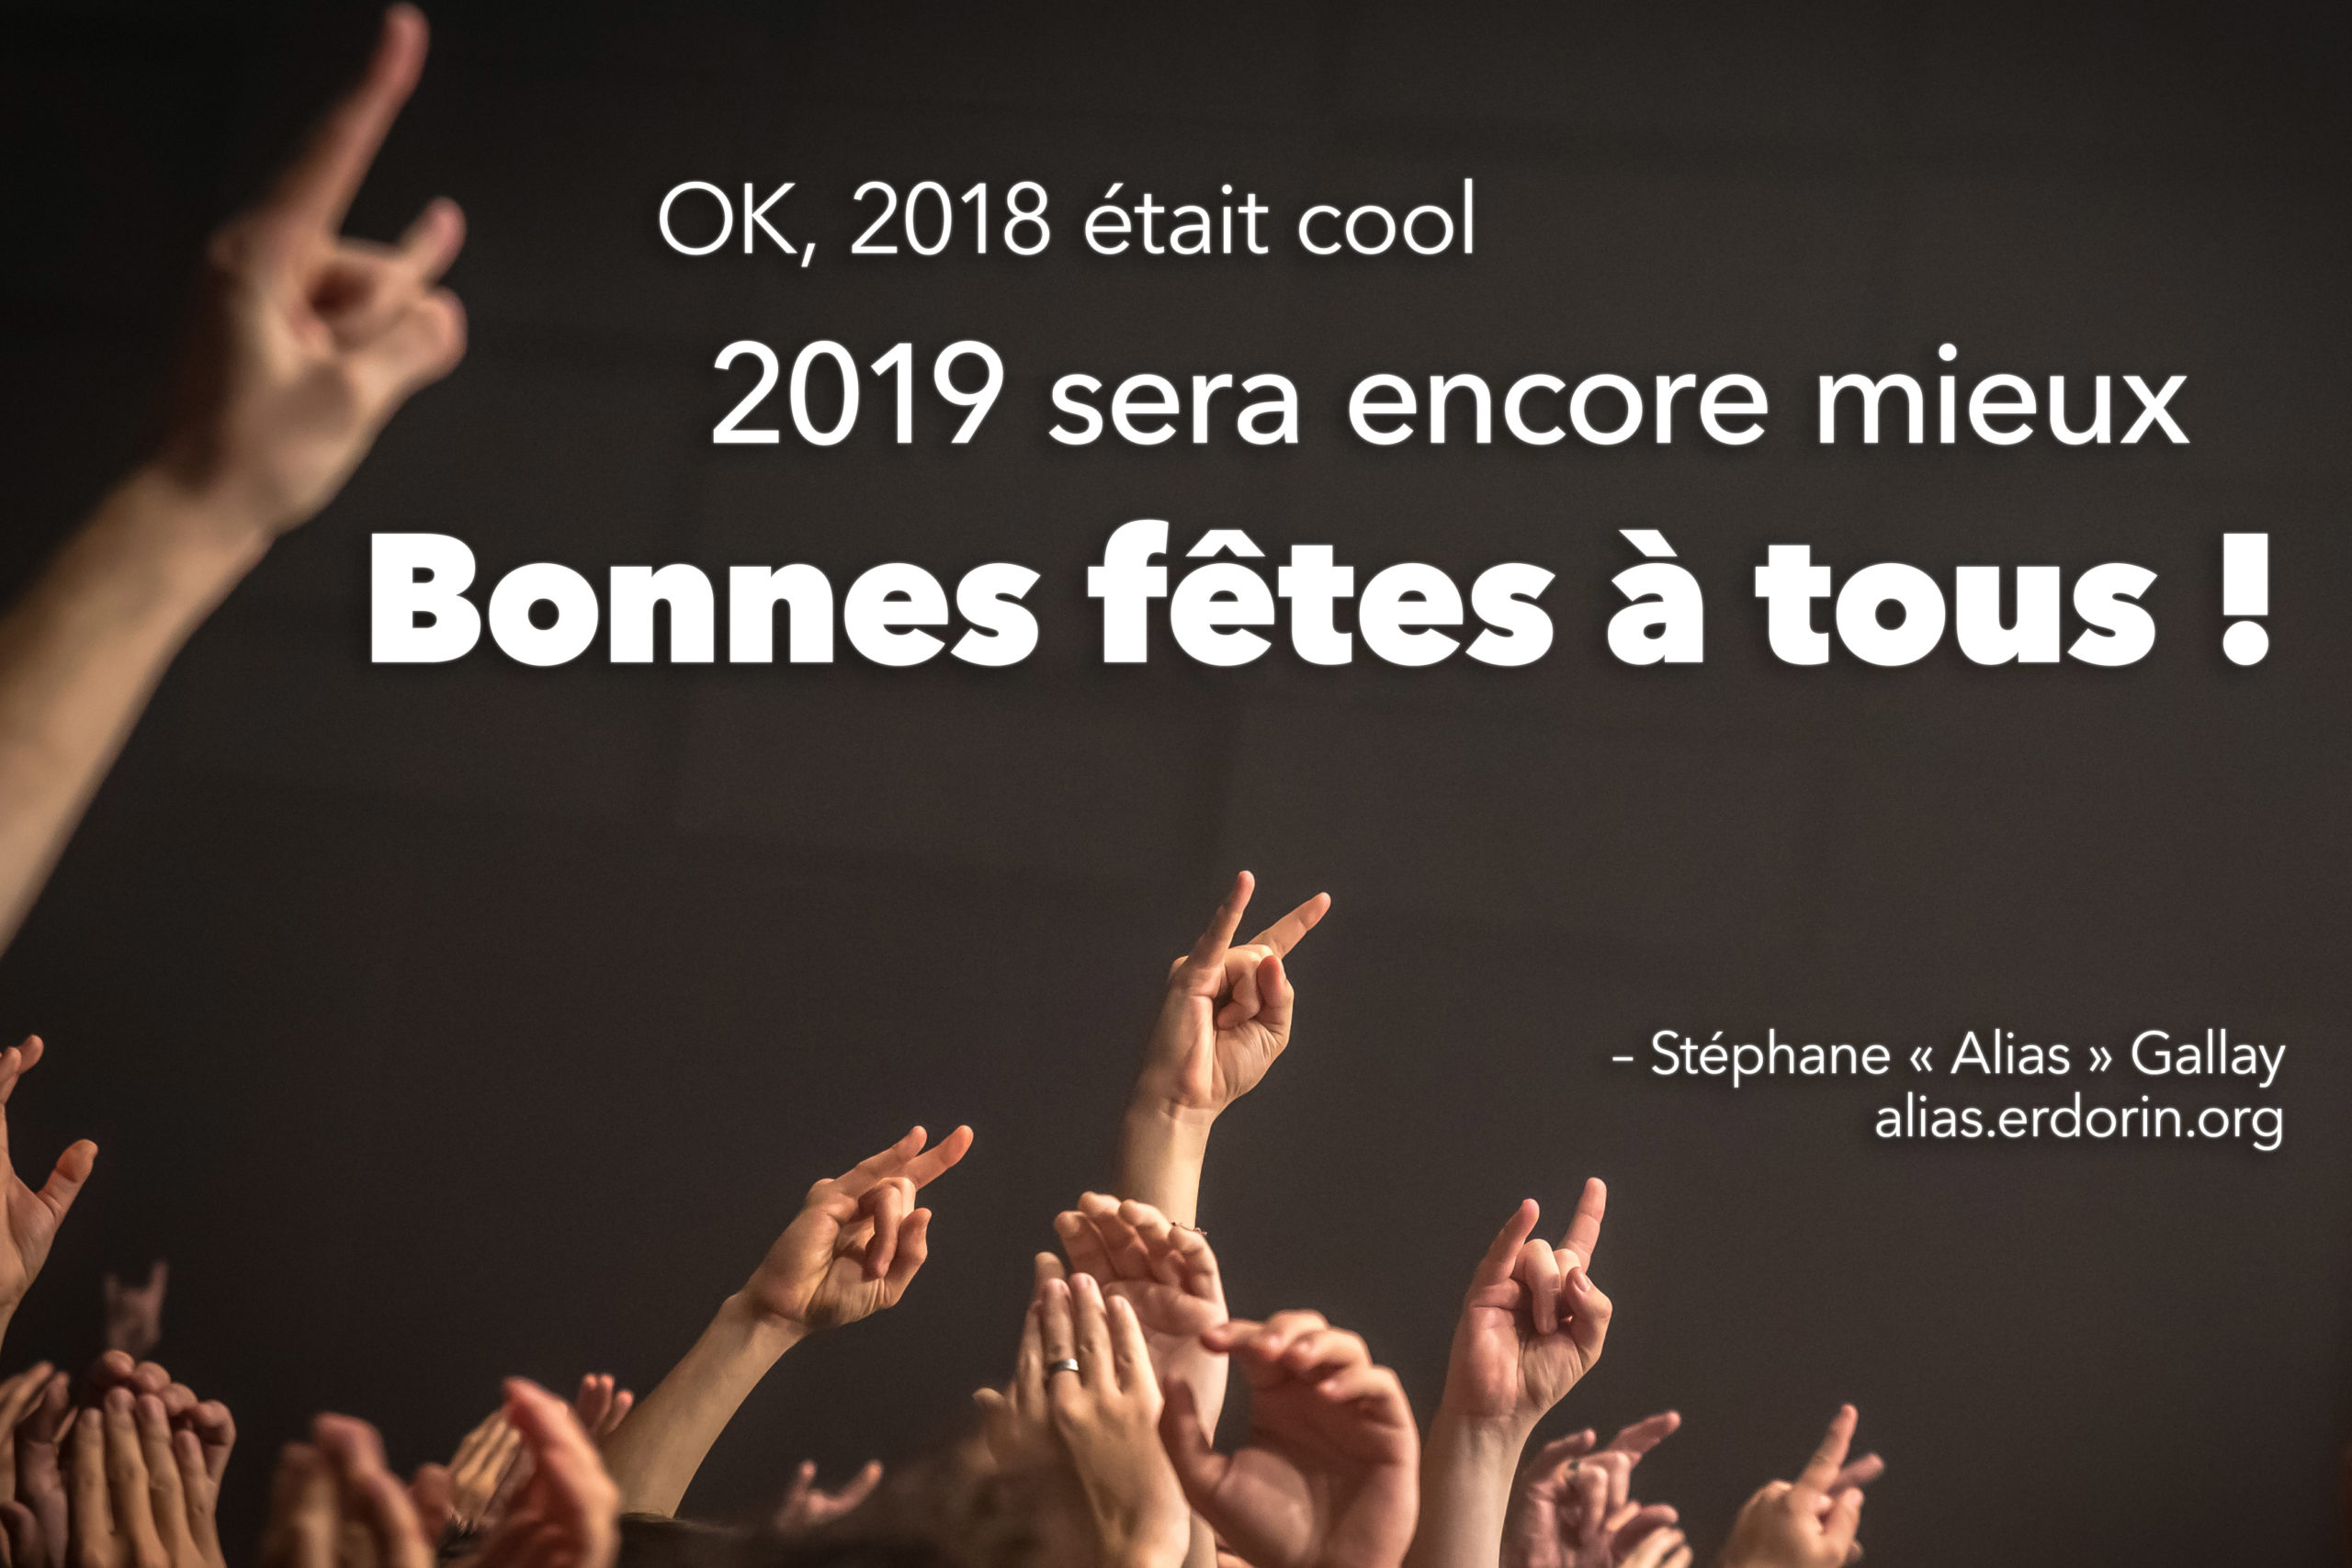 Bonnes fêtes 2019!